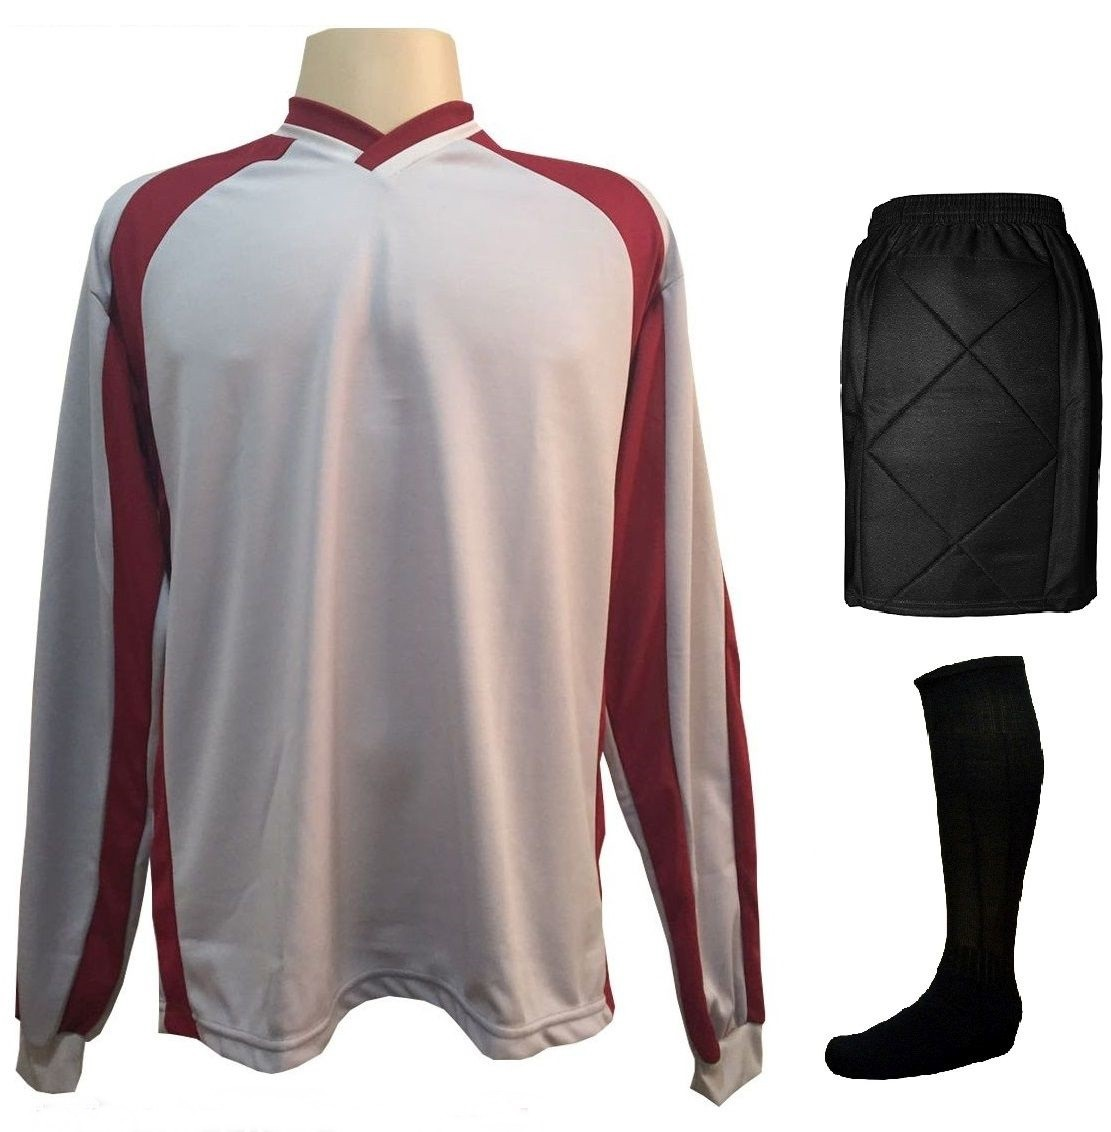 Uniforme Esportivo Completo modelo Suécia 14+1  (14 camisas Verde/Branco + 14 calções Madrid Verde + 14 pares de meiões Brancos + 1 conjunto de goleiro) + Brindes